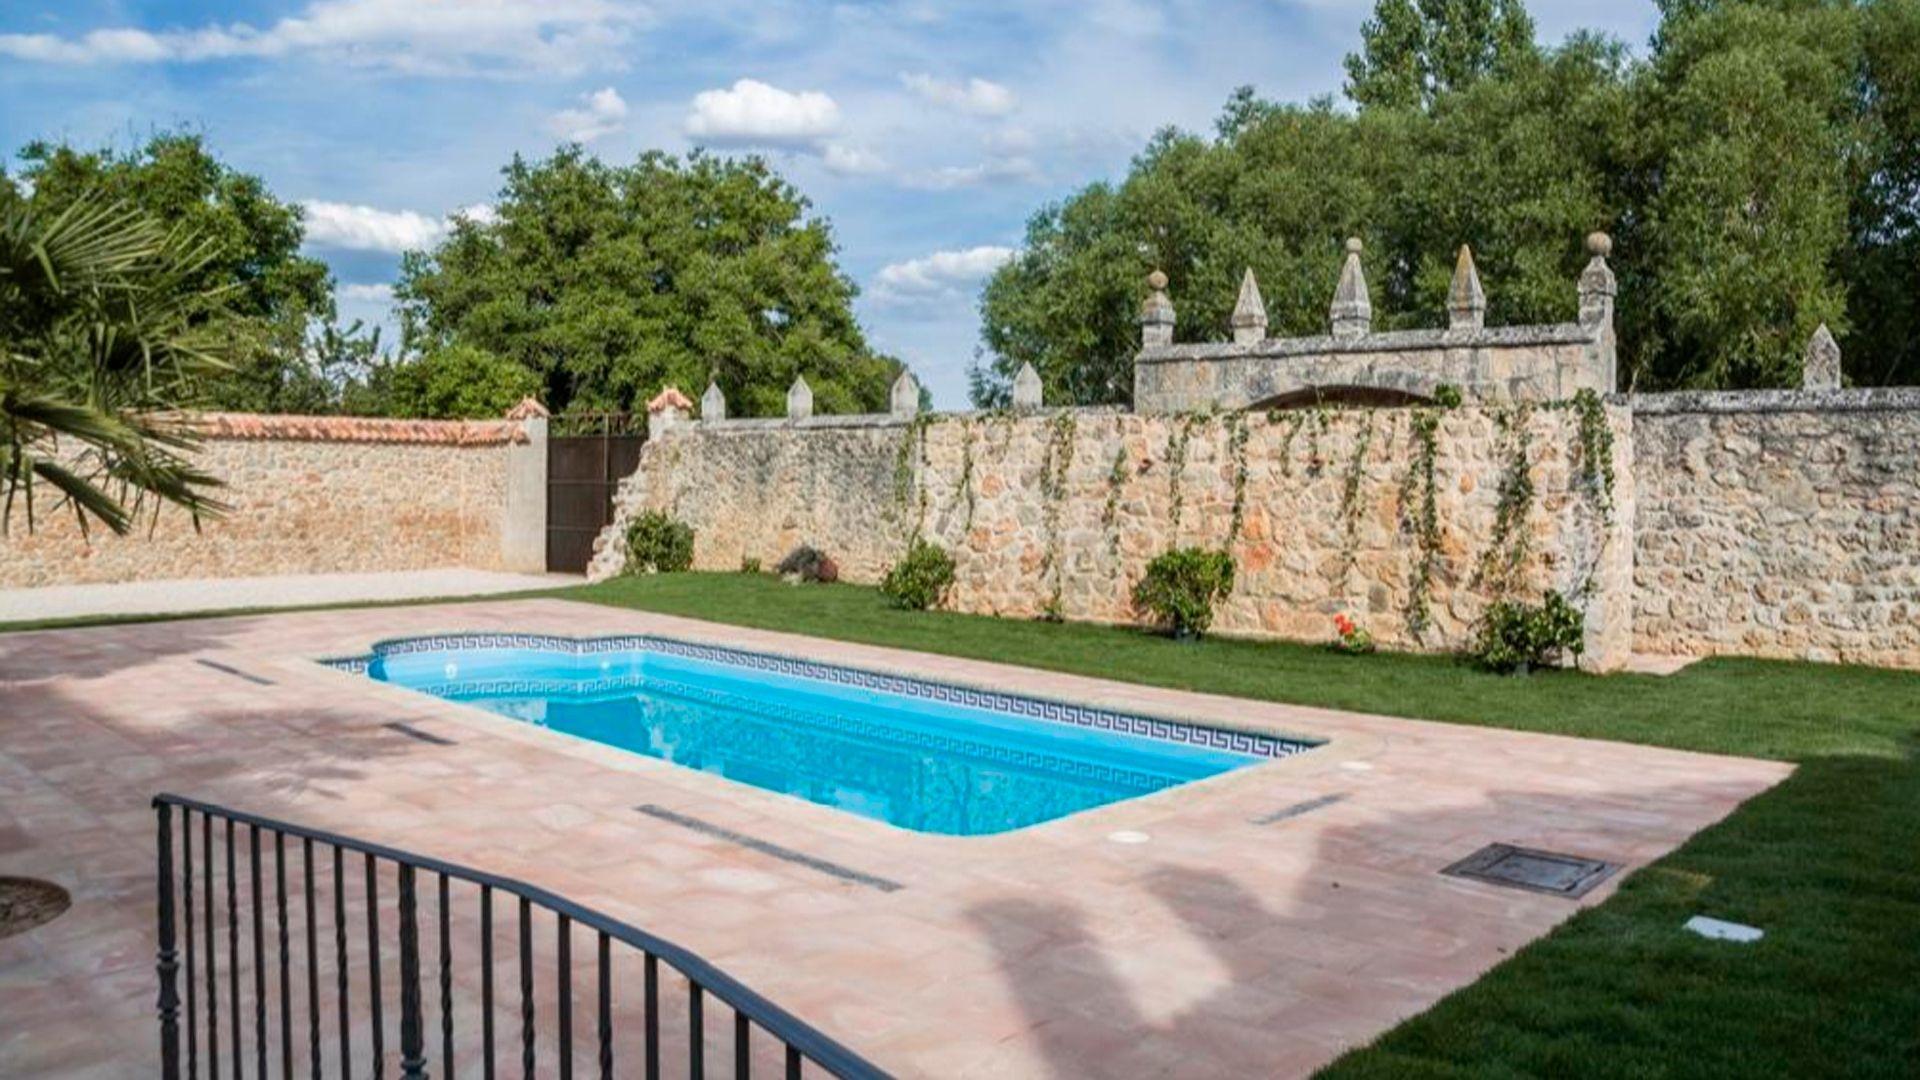 Restaurante con piscina en Soria